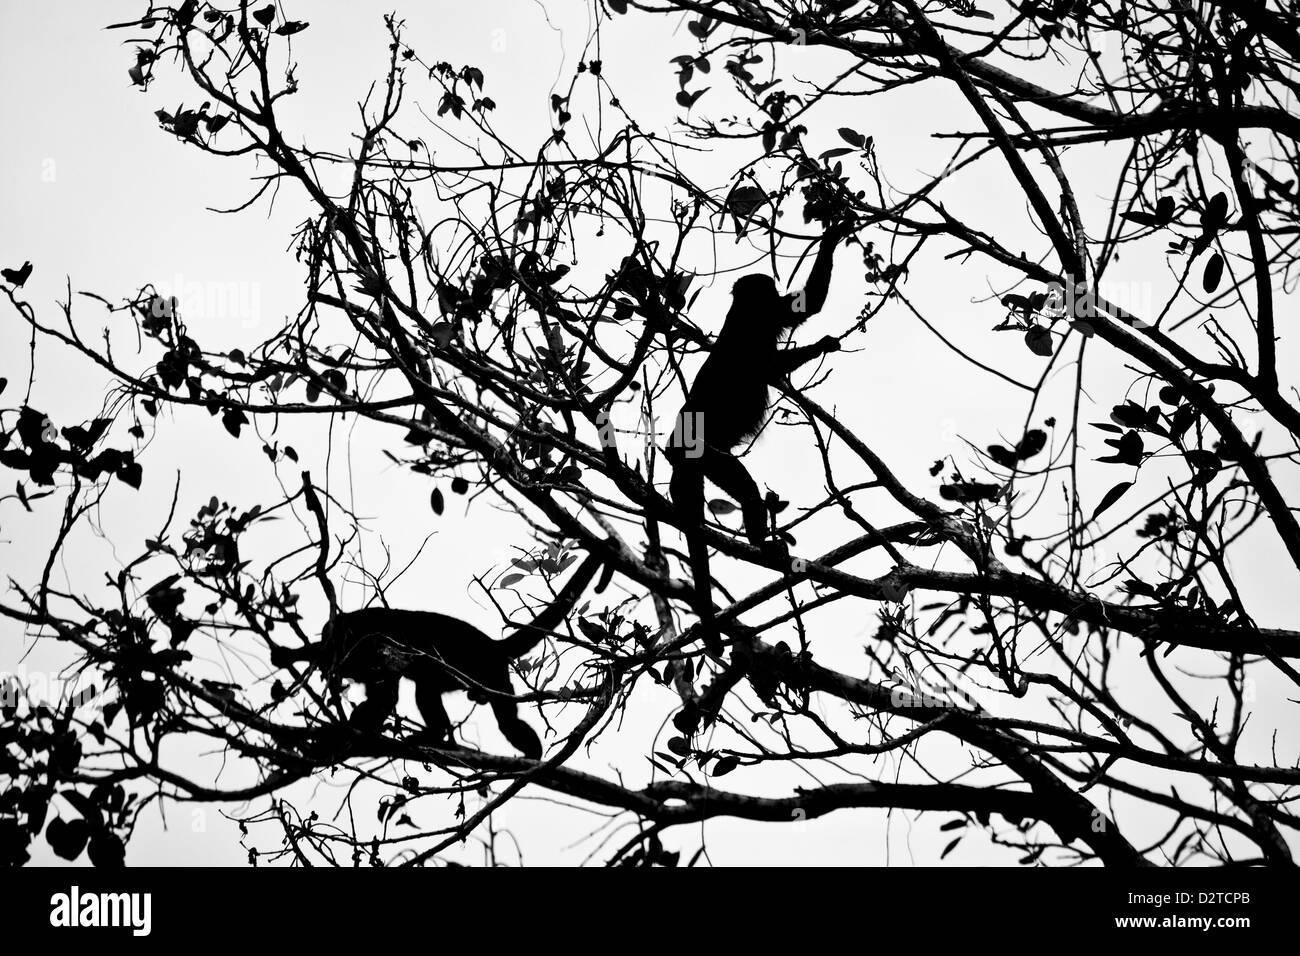 La silhouette di due scimmie urlatrici nel parco nazionale di Soberania, Repubblica di Panama. Immagini Stock